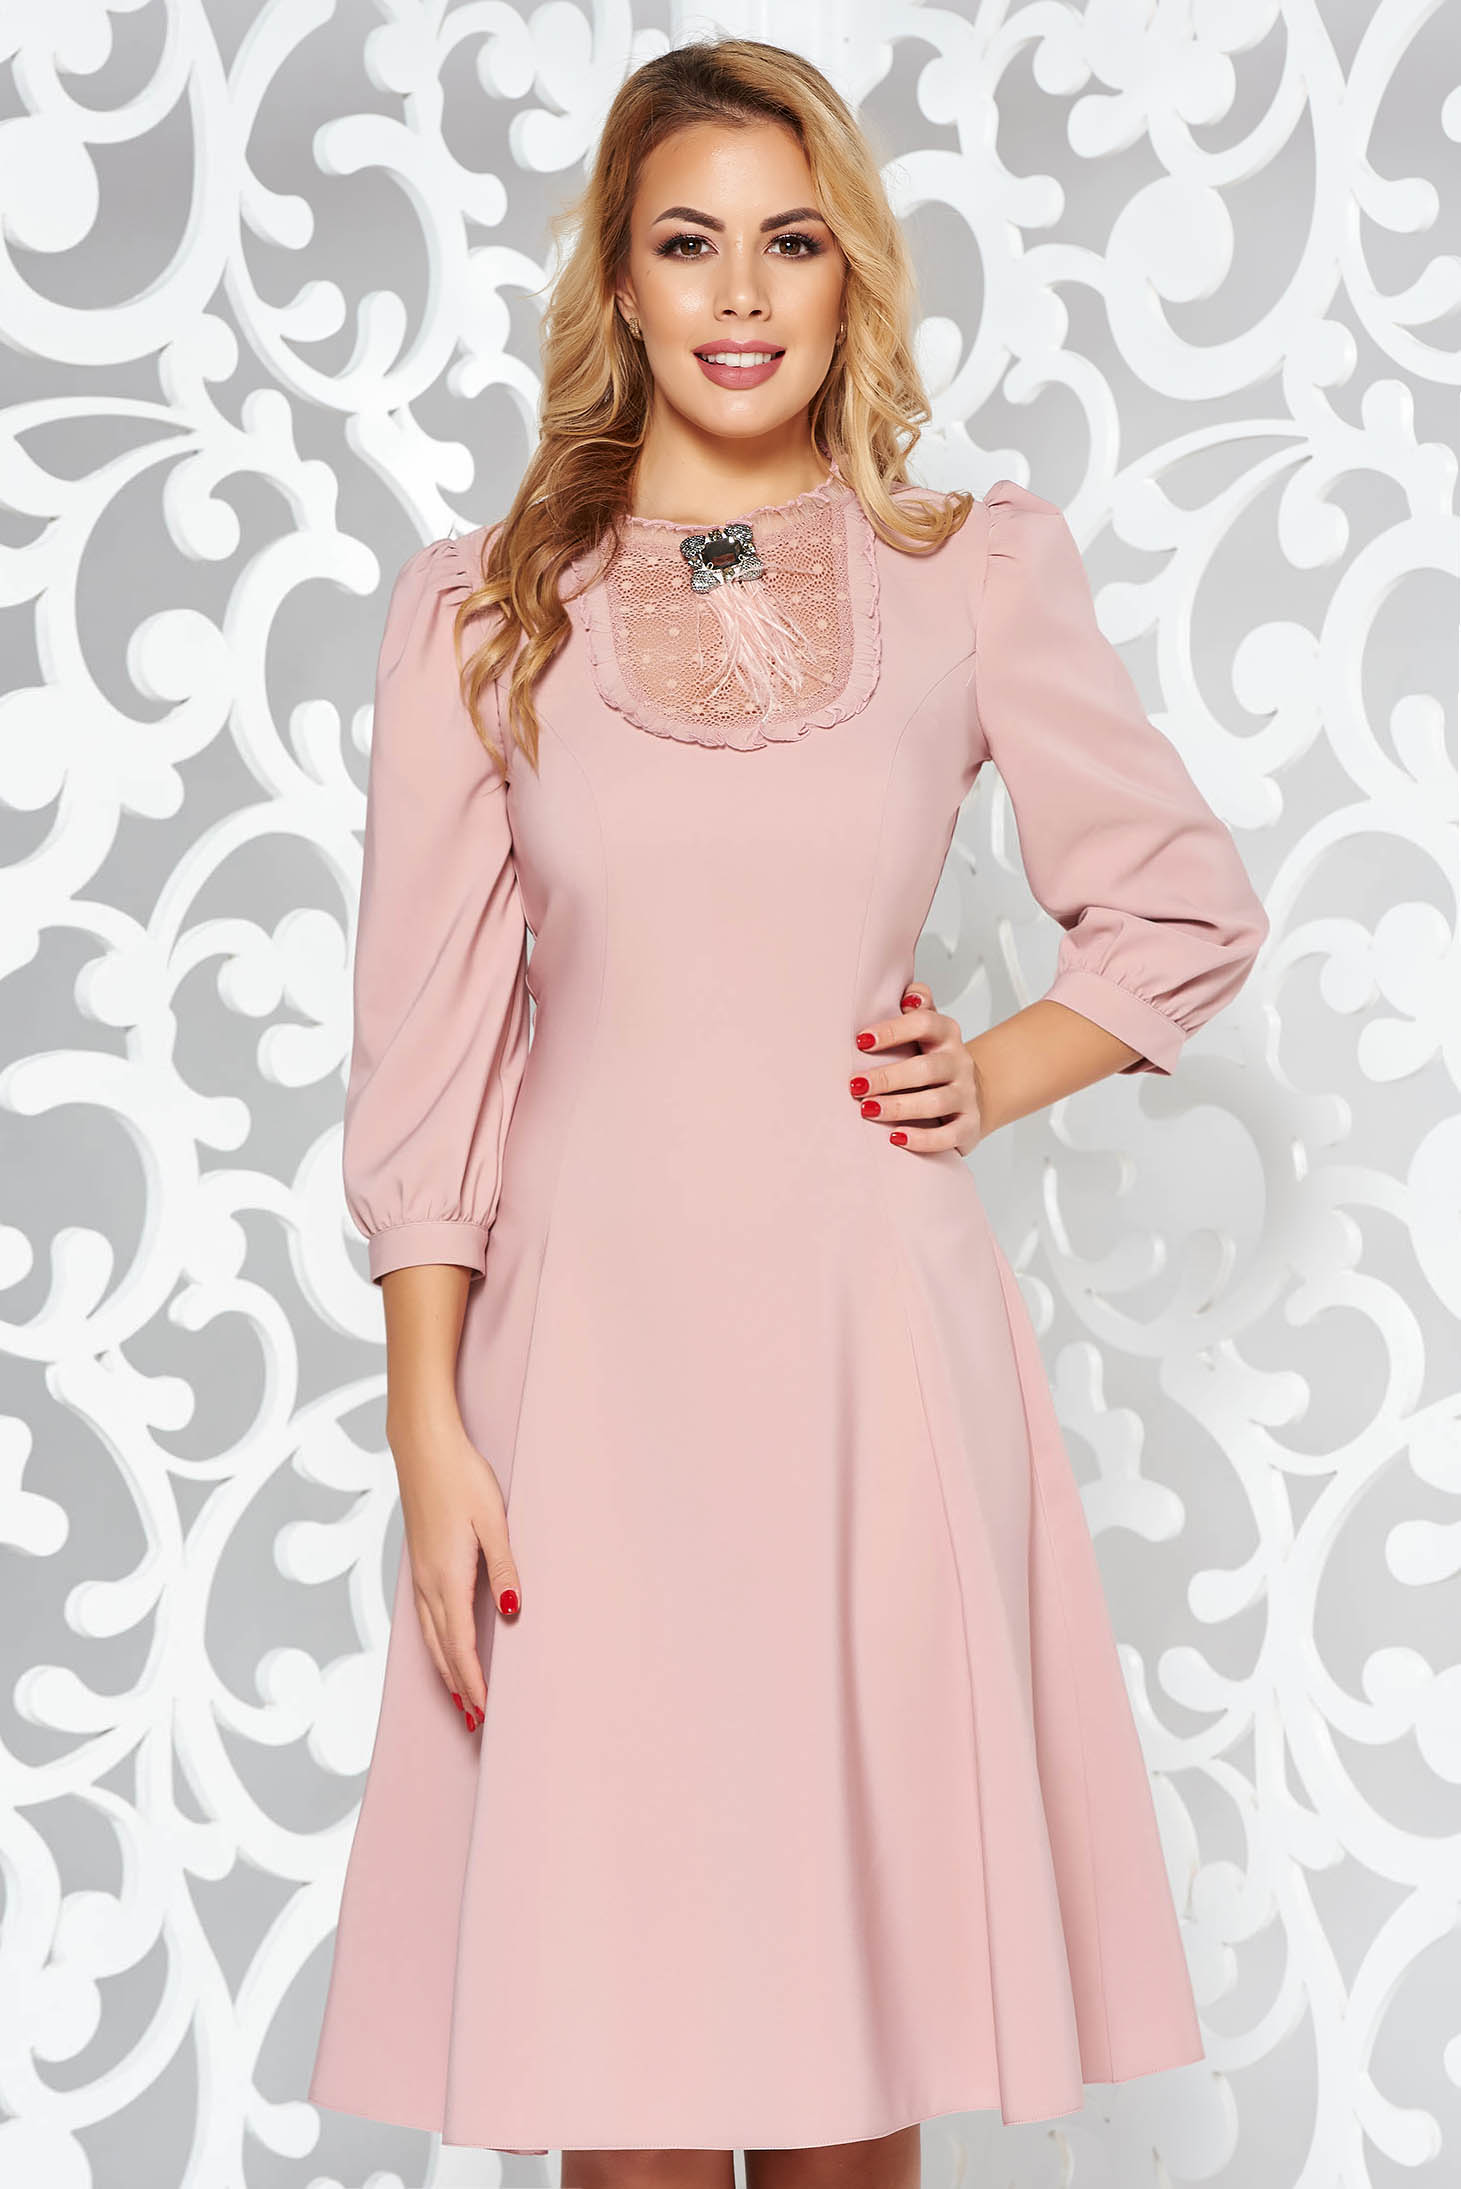 2c4fefb083 Rózsaszínű LaDonna elegáns harang ruha enyhén rugalmas szövet csipke  díszítéssel bross kiegészítővel